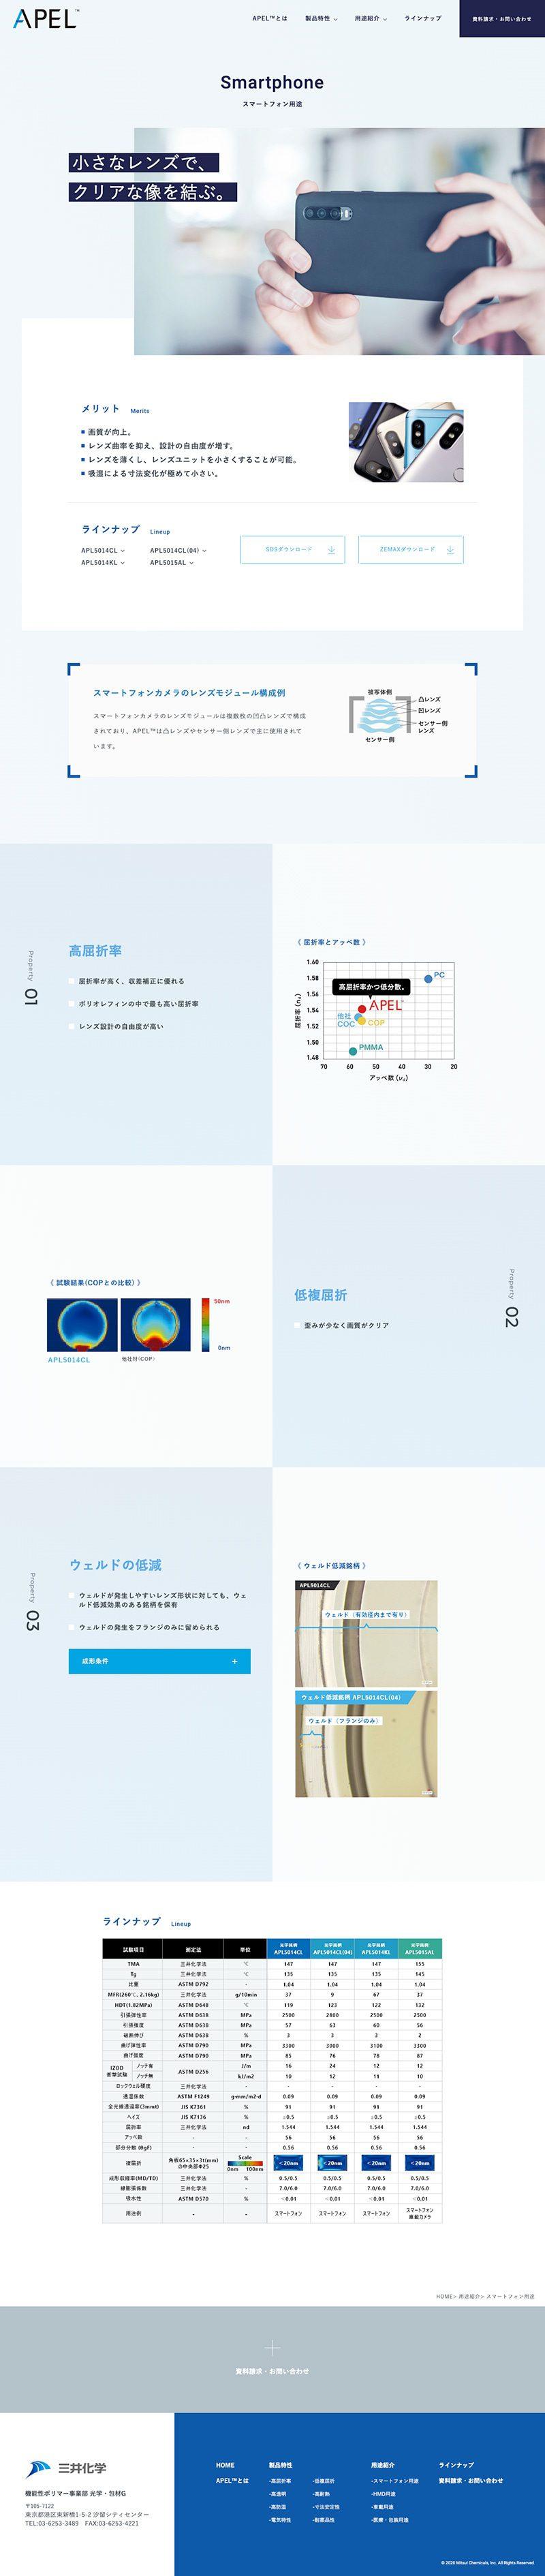 三井化学株式会社 機能性ポリマー事業部 様|製品特設サイト/スマートフォン用途